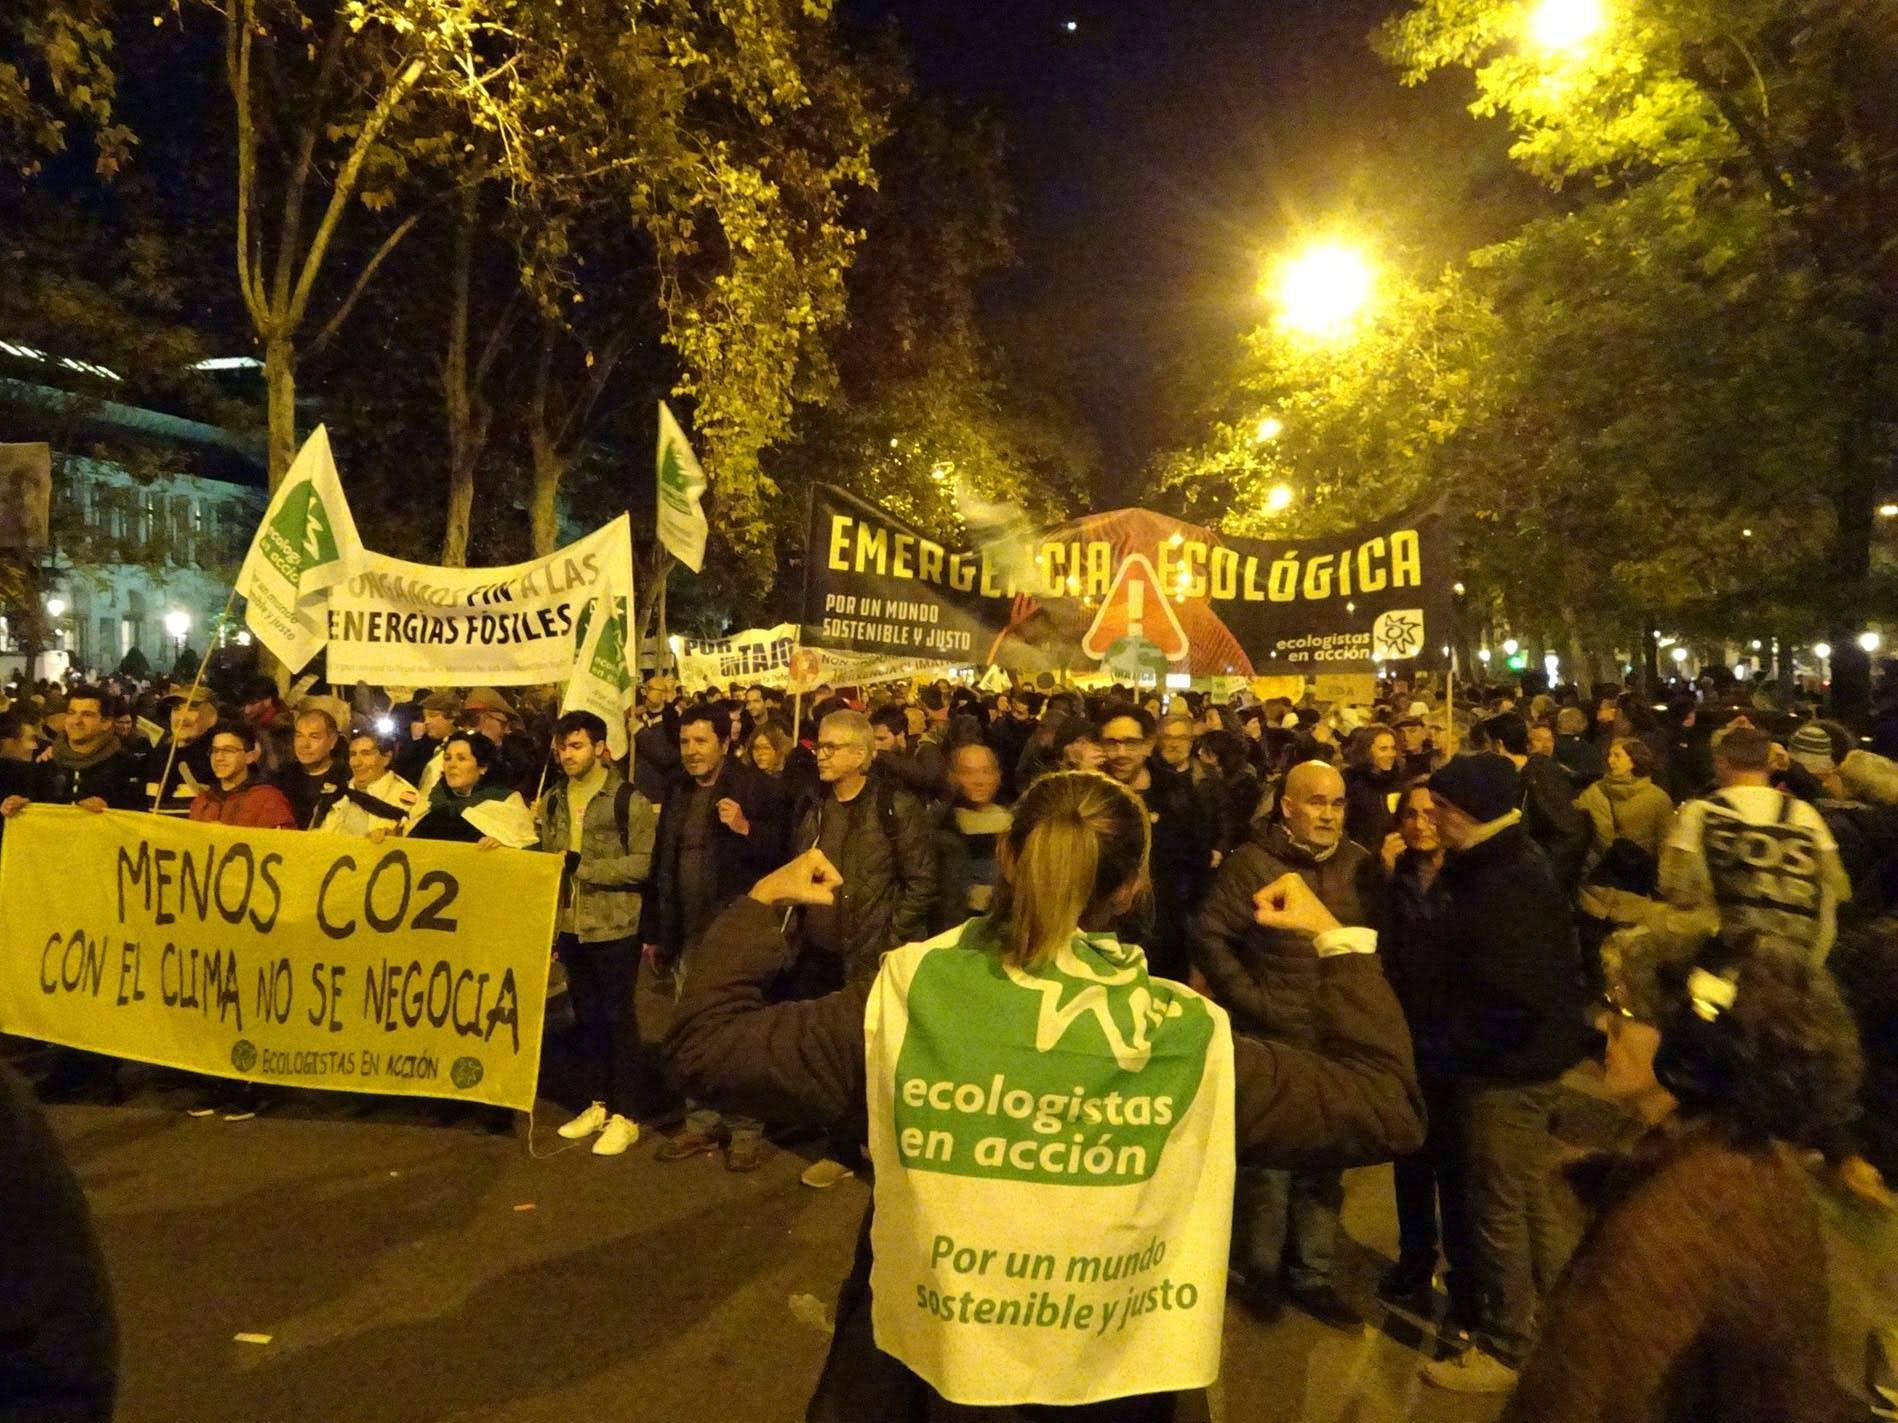 Resultado de imagen de ecologistas accion manifestación 6 diciembre